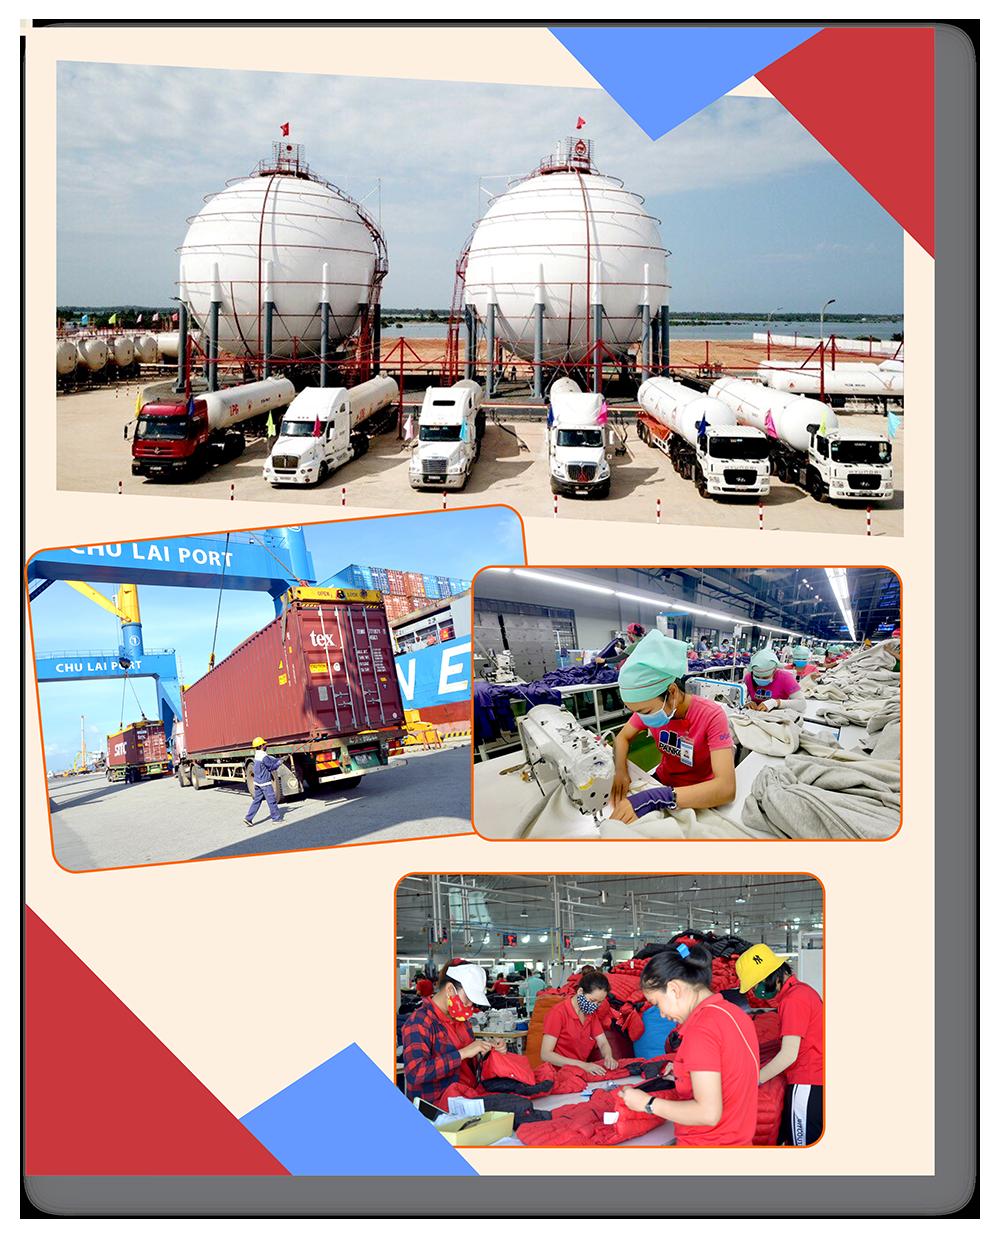 Hệ thống vận chuyển logicstics phát triển mạnh tại cảng Trường Hải - Chu Lai.